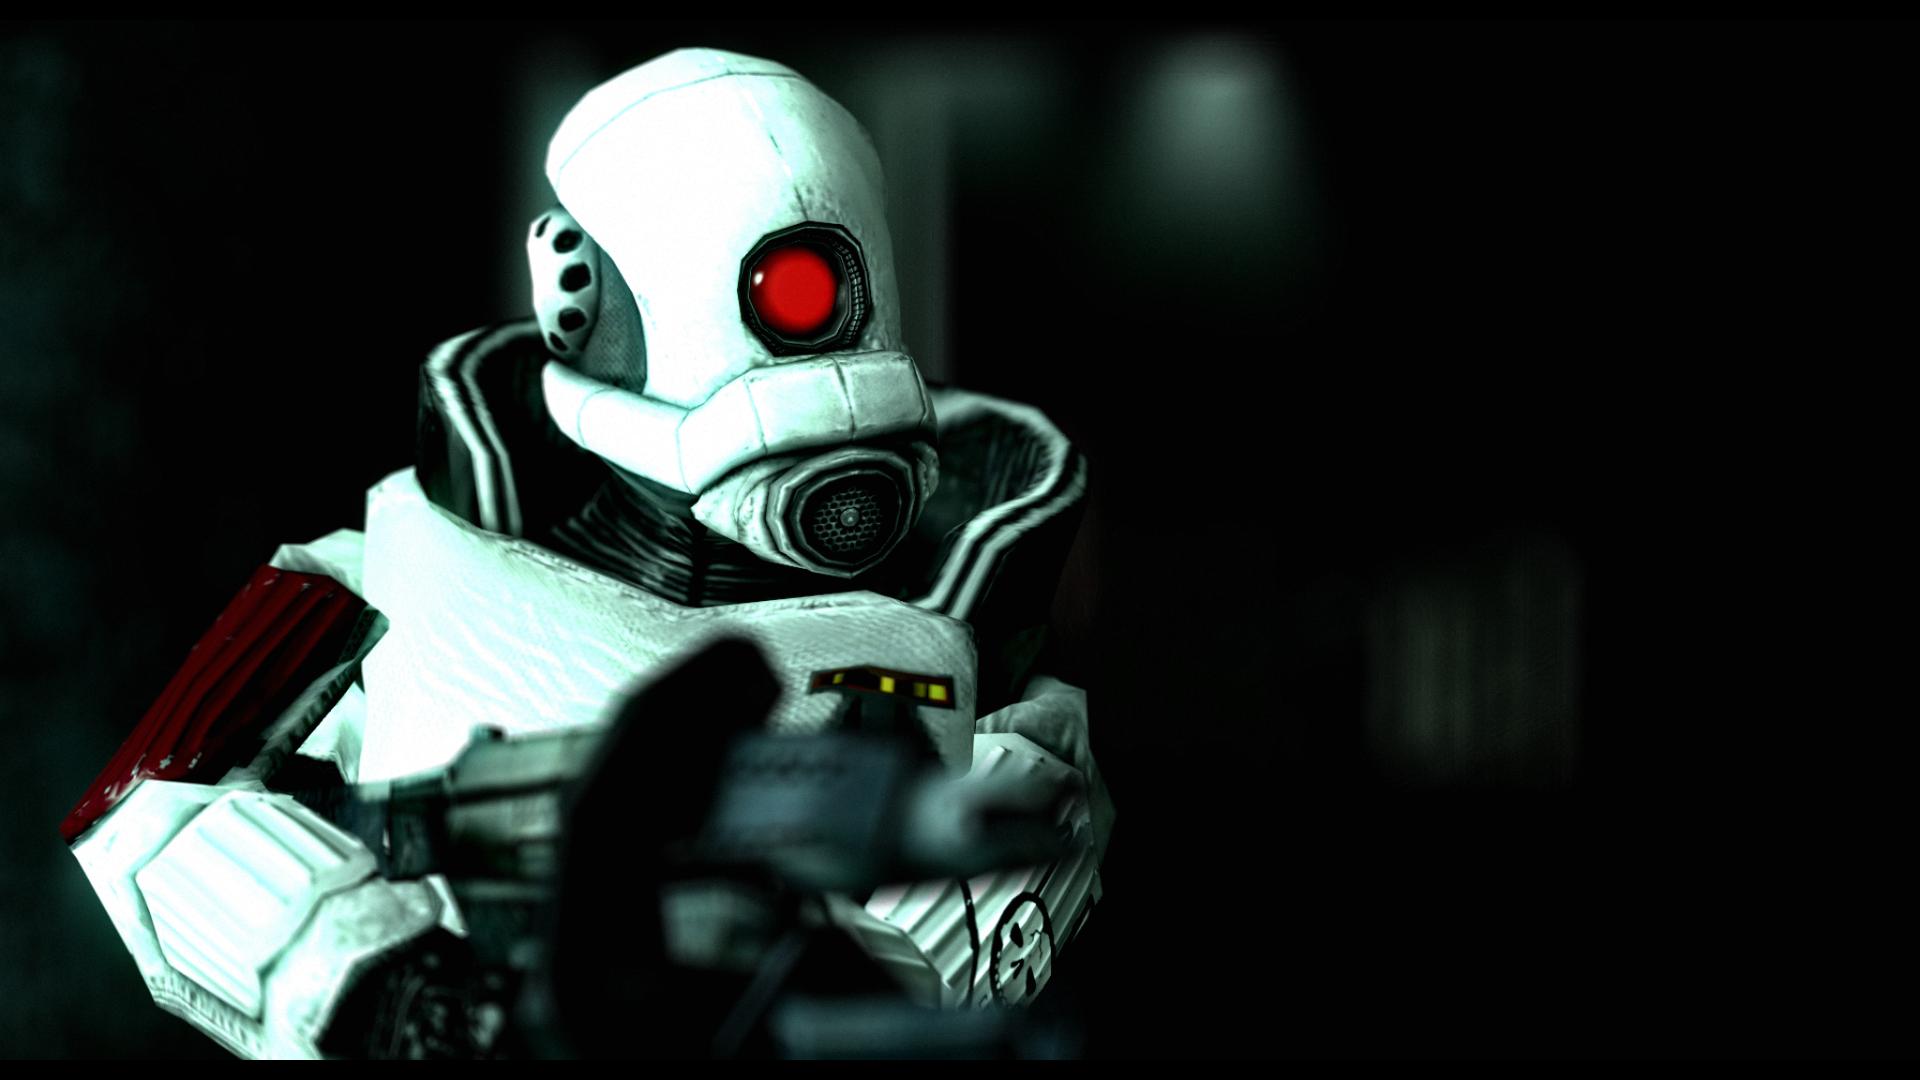 Half Life 2 Combine Wallpaper: Steam Workshop :: Combine Superior